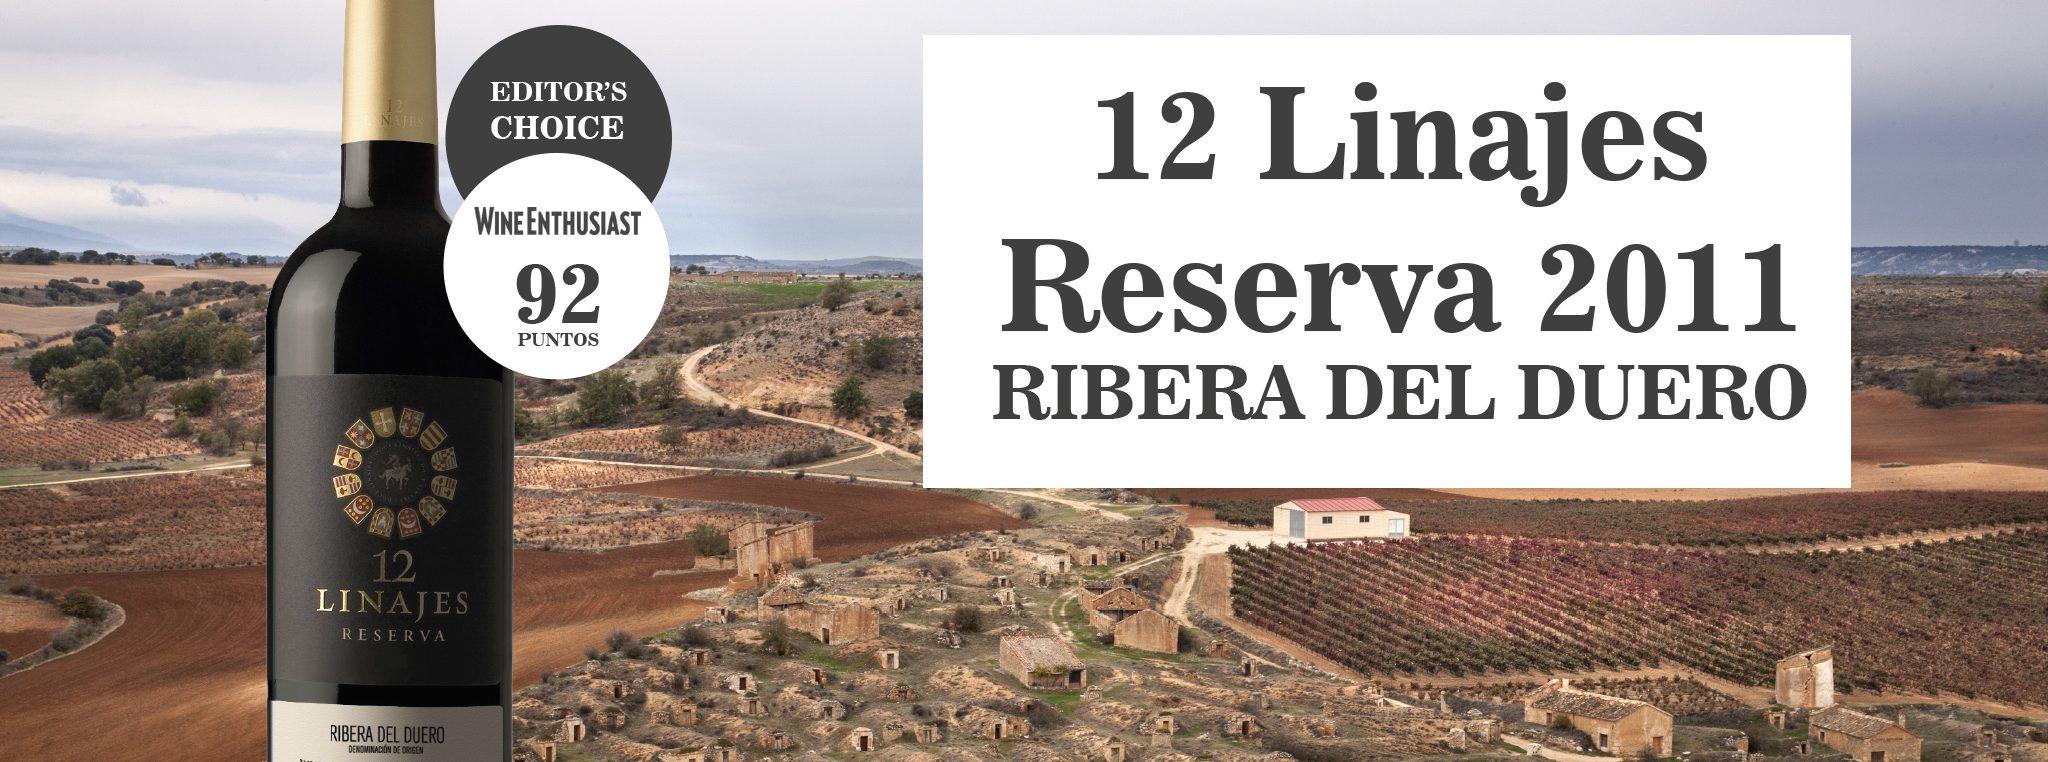 Bacchus Oro – 12 Linajes Reserva